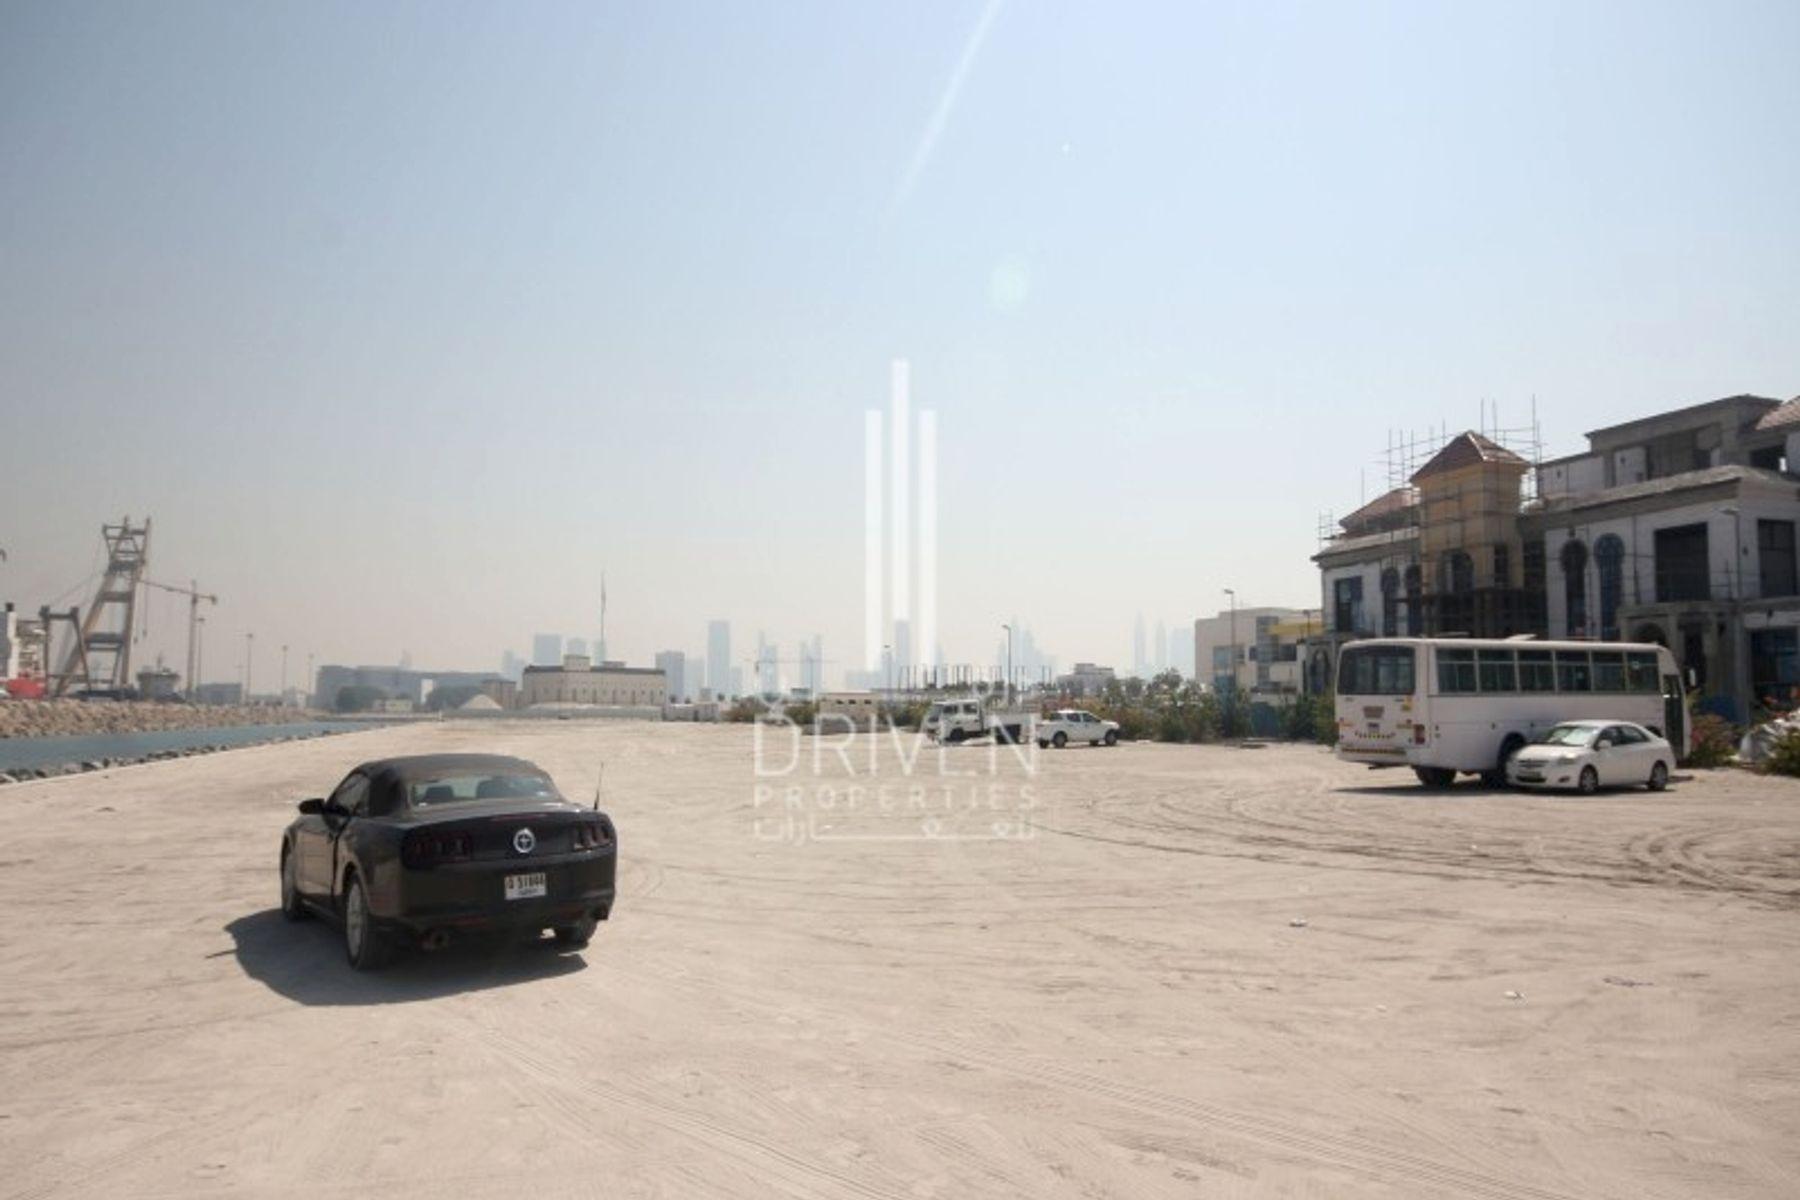 للبيع - أرض تجارية - نيكي بيتش ريزورت آند سبا دبي - الجميرا